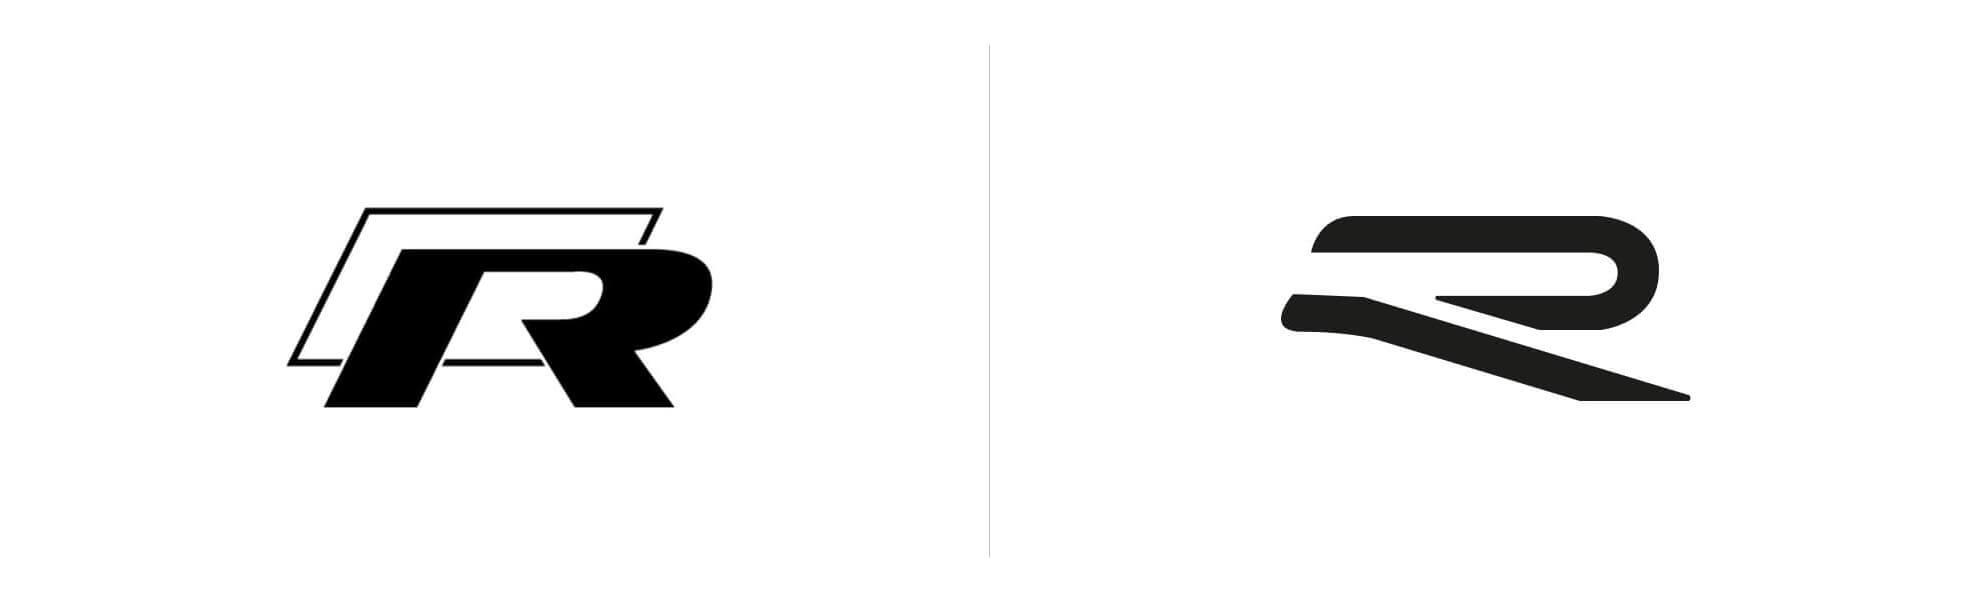 Volkswagen R nowe logo